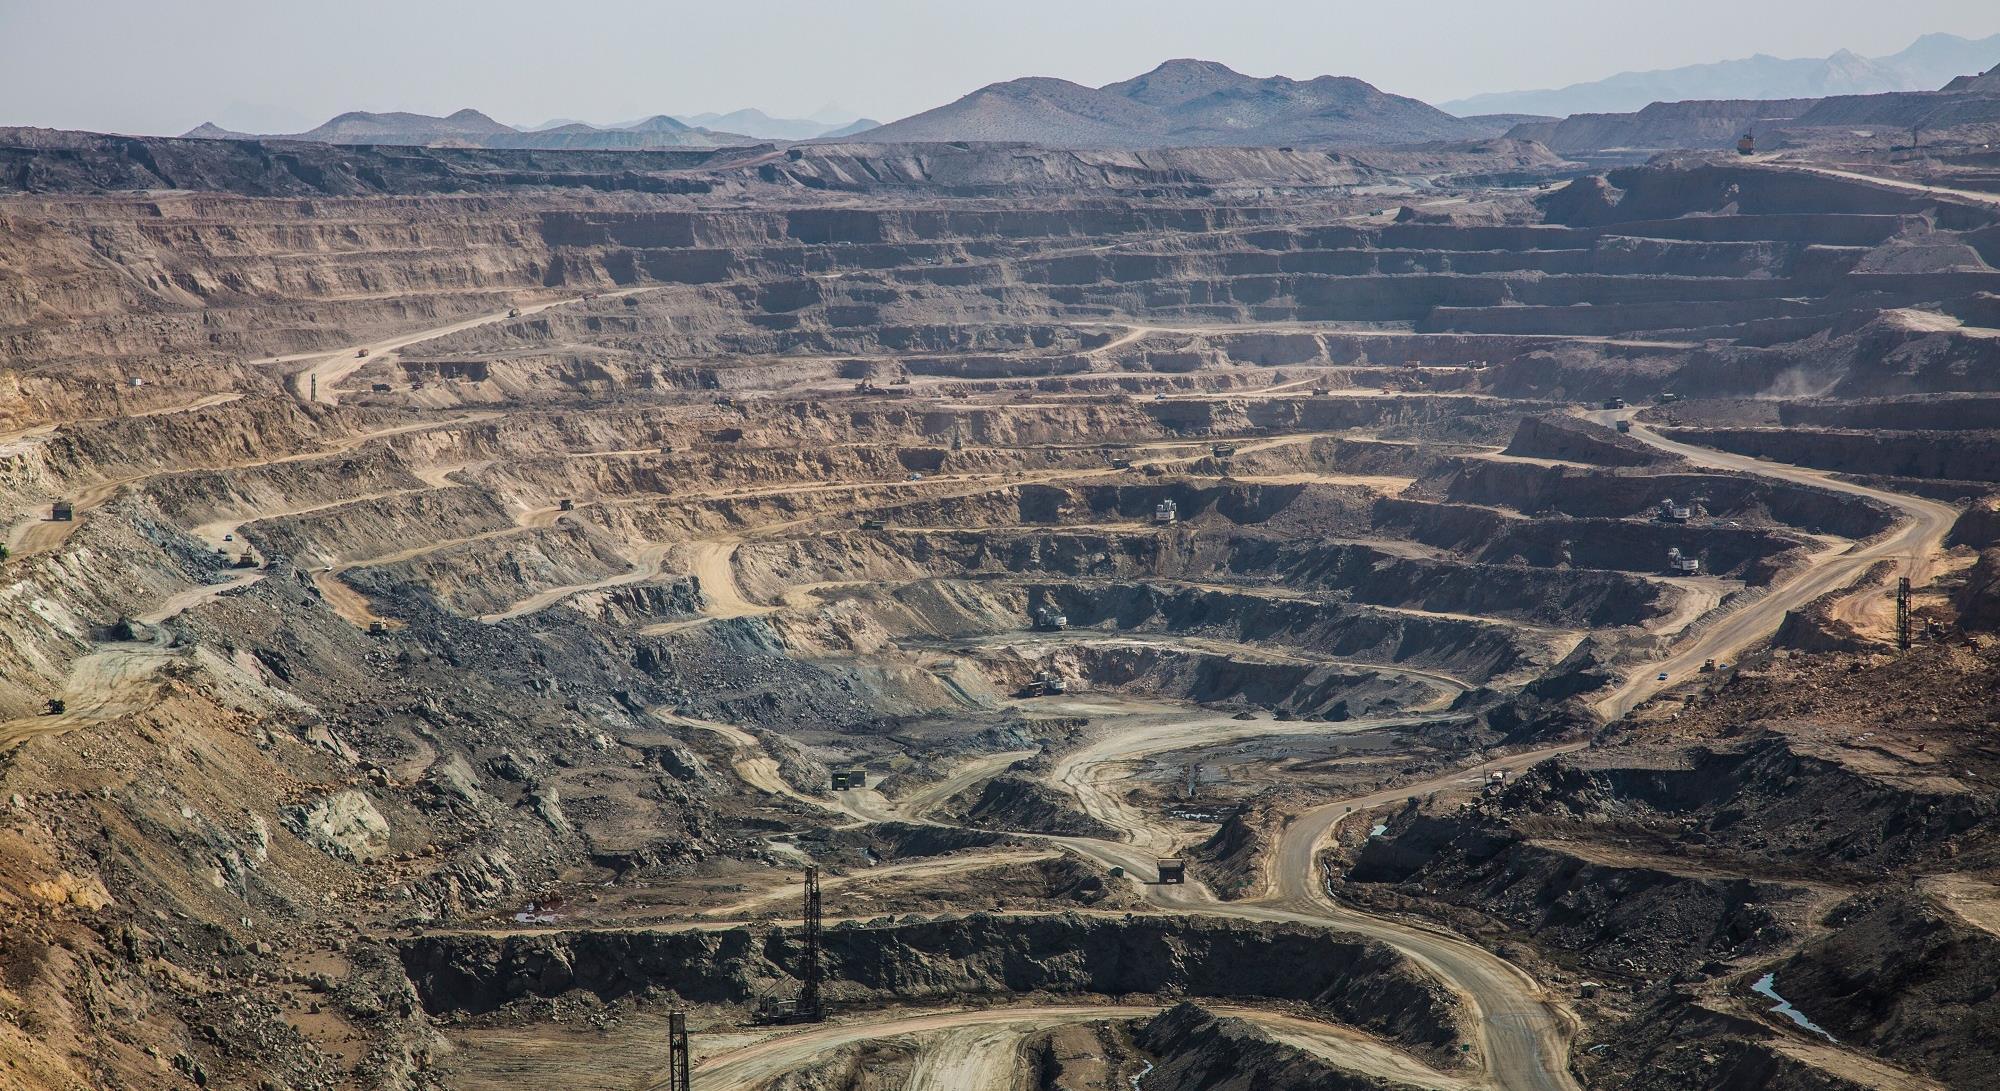 احداث کارخانه فرآوری سنگآهن هماتیتی با ظرفیت یک میلیون تن در سال